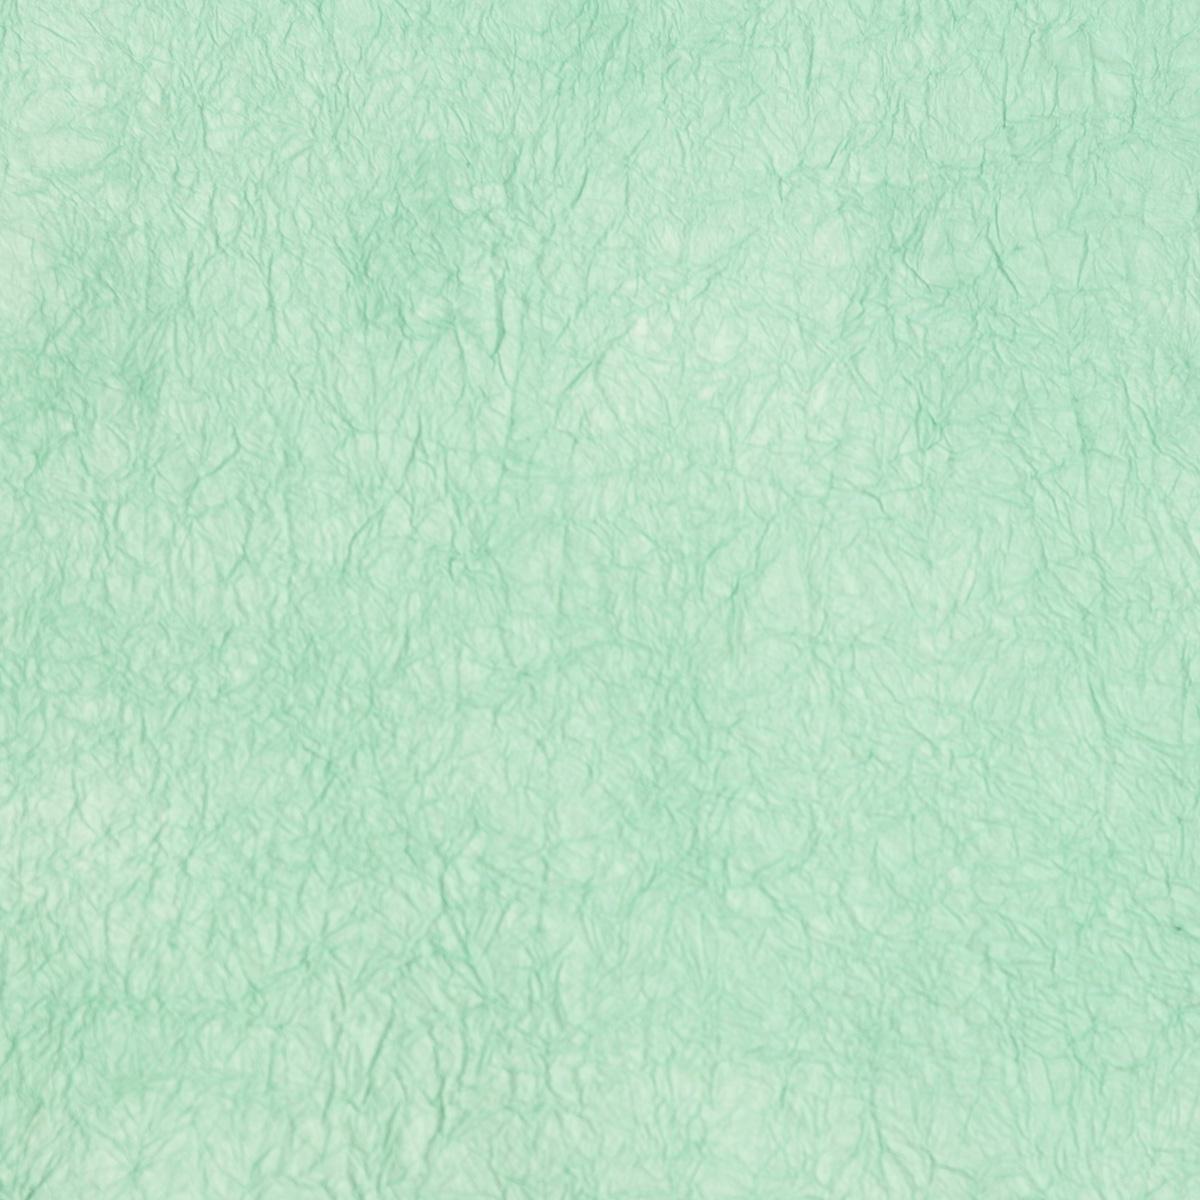 王朝のそめいろ 厚口 42番 白藍色